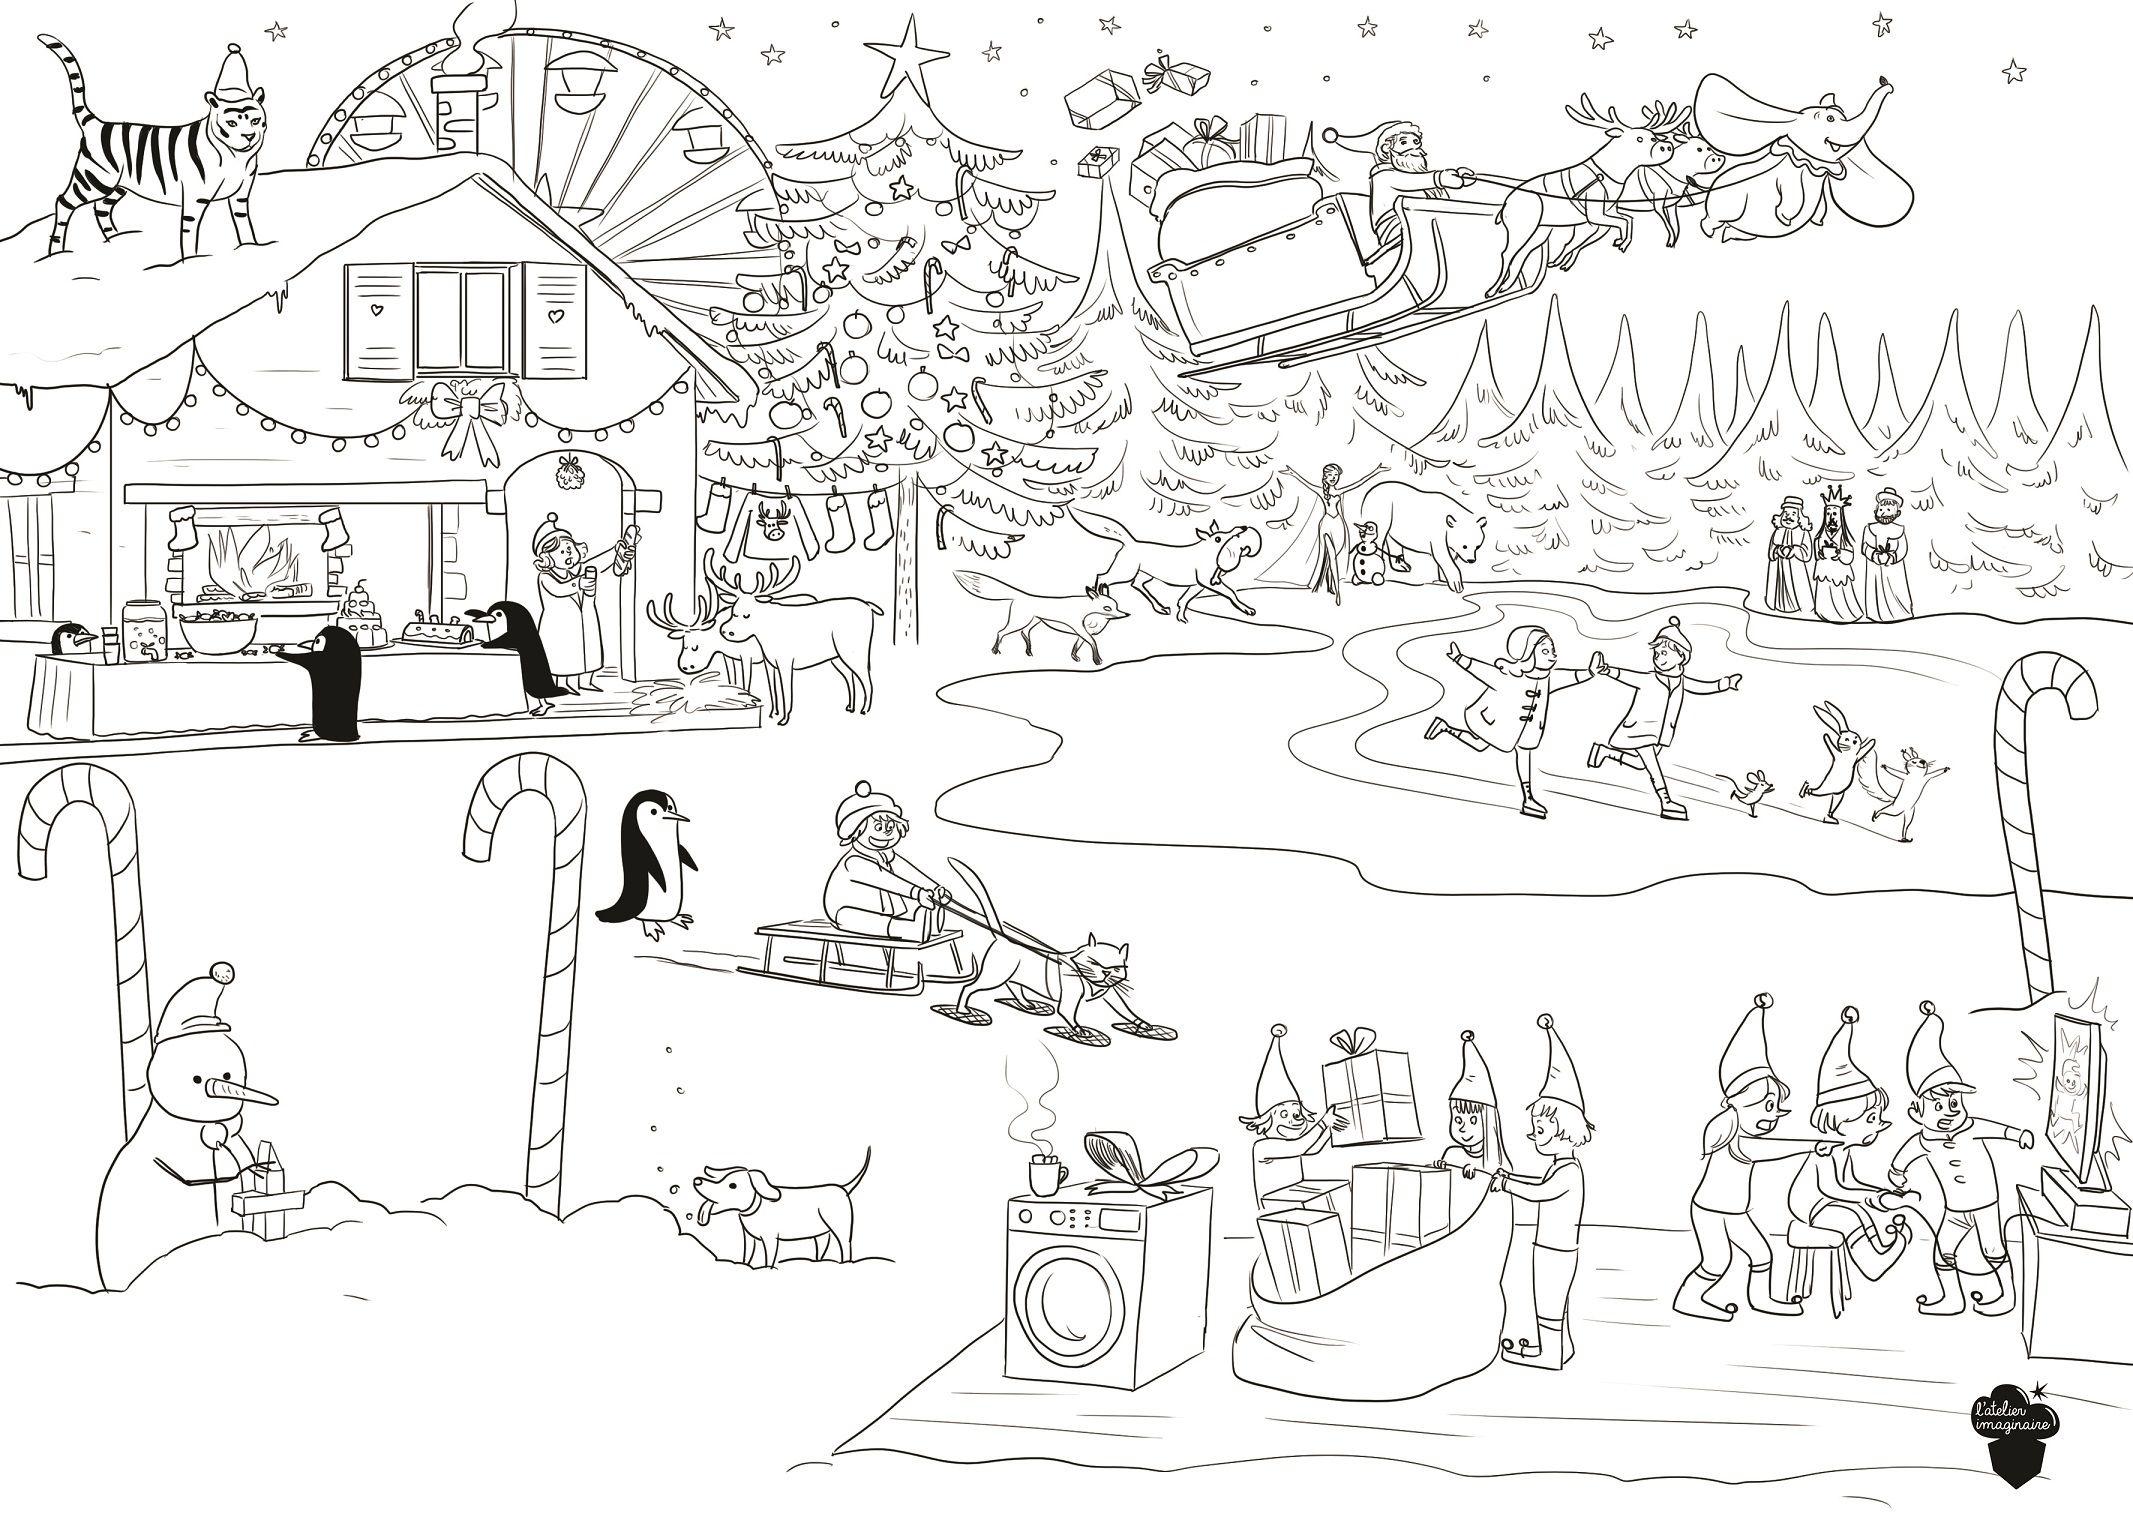 Coloriage-Gratuit-Mercredi-Enfant-Noel-Village-Lutins pour Coloriage Village De Noel